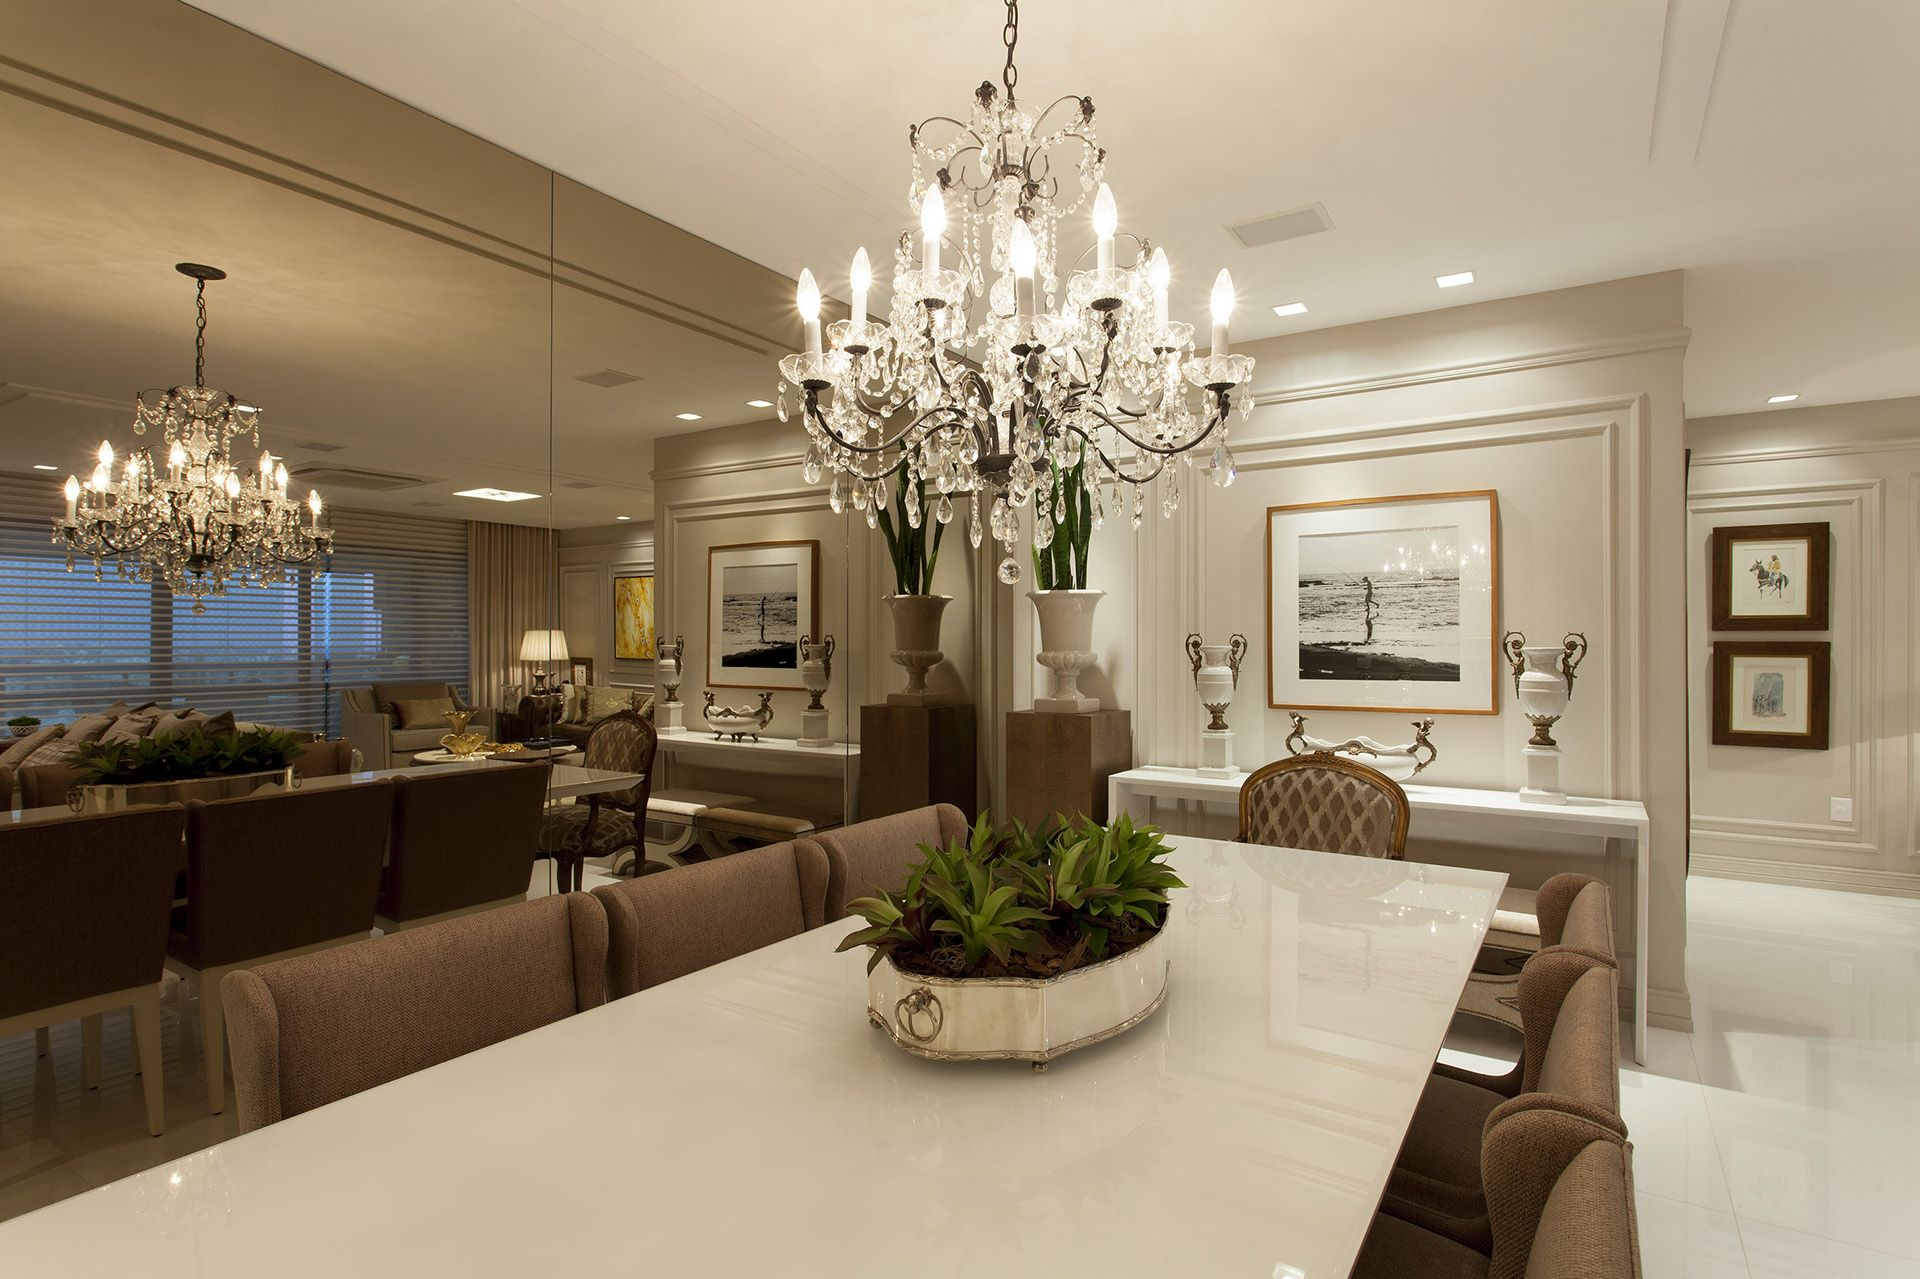 Salas de jantar com espelhos bronze - veja modelos lindos ...